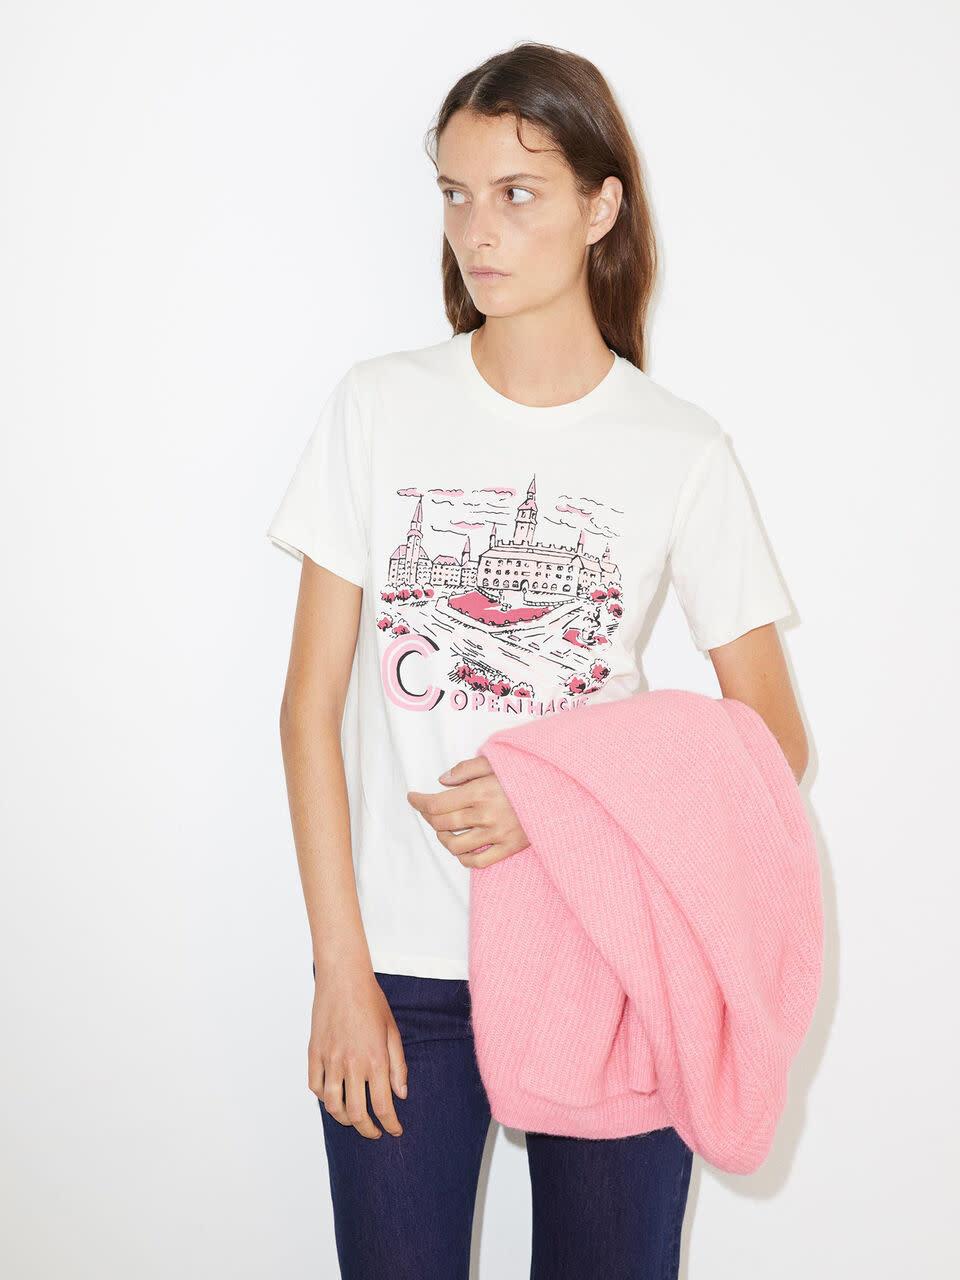 Suddia T-Shirt By Malene Birger-1